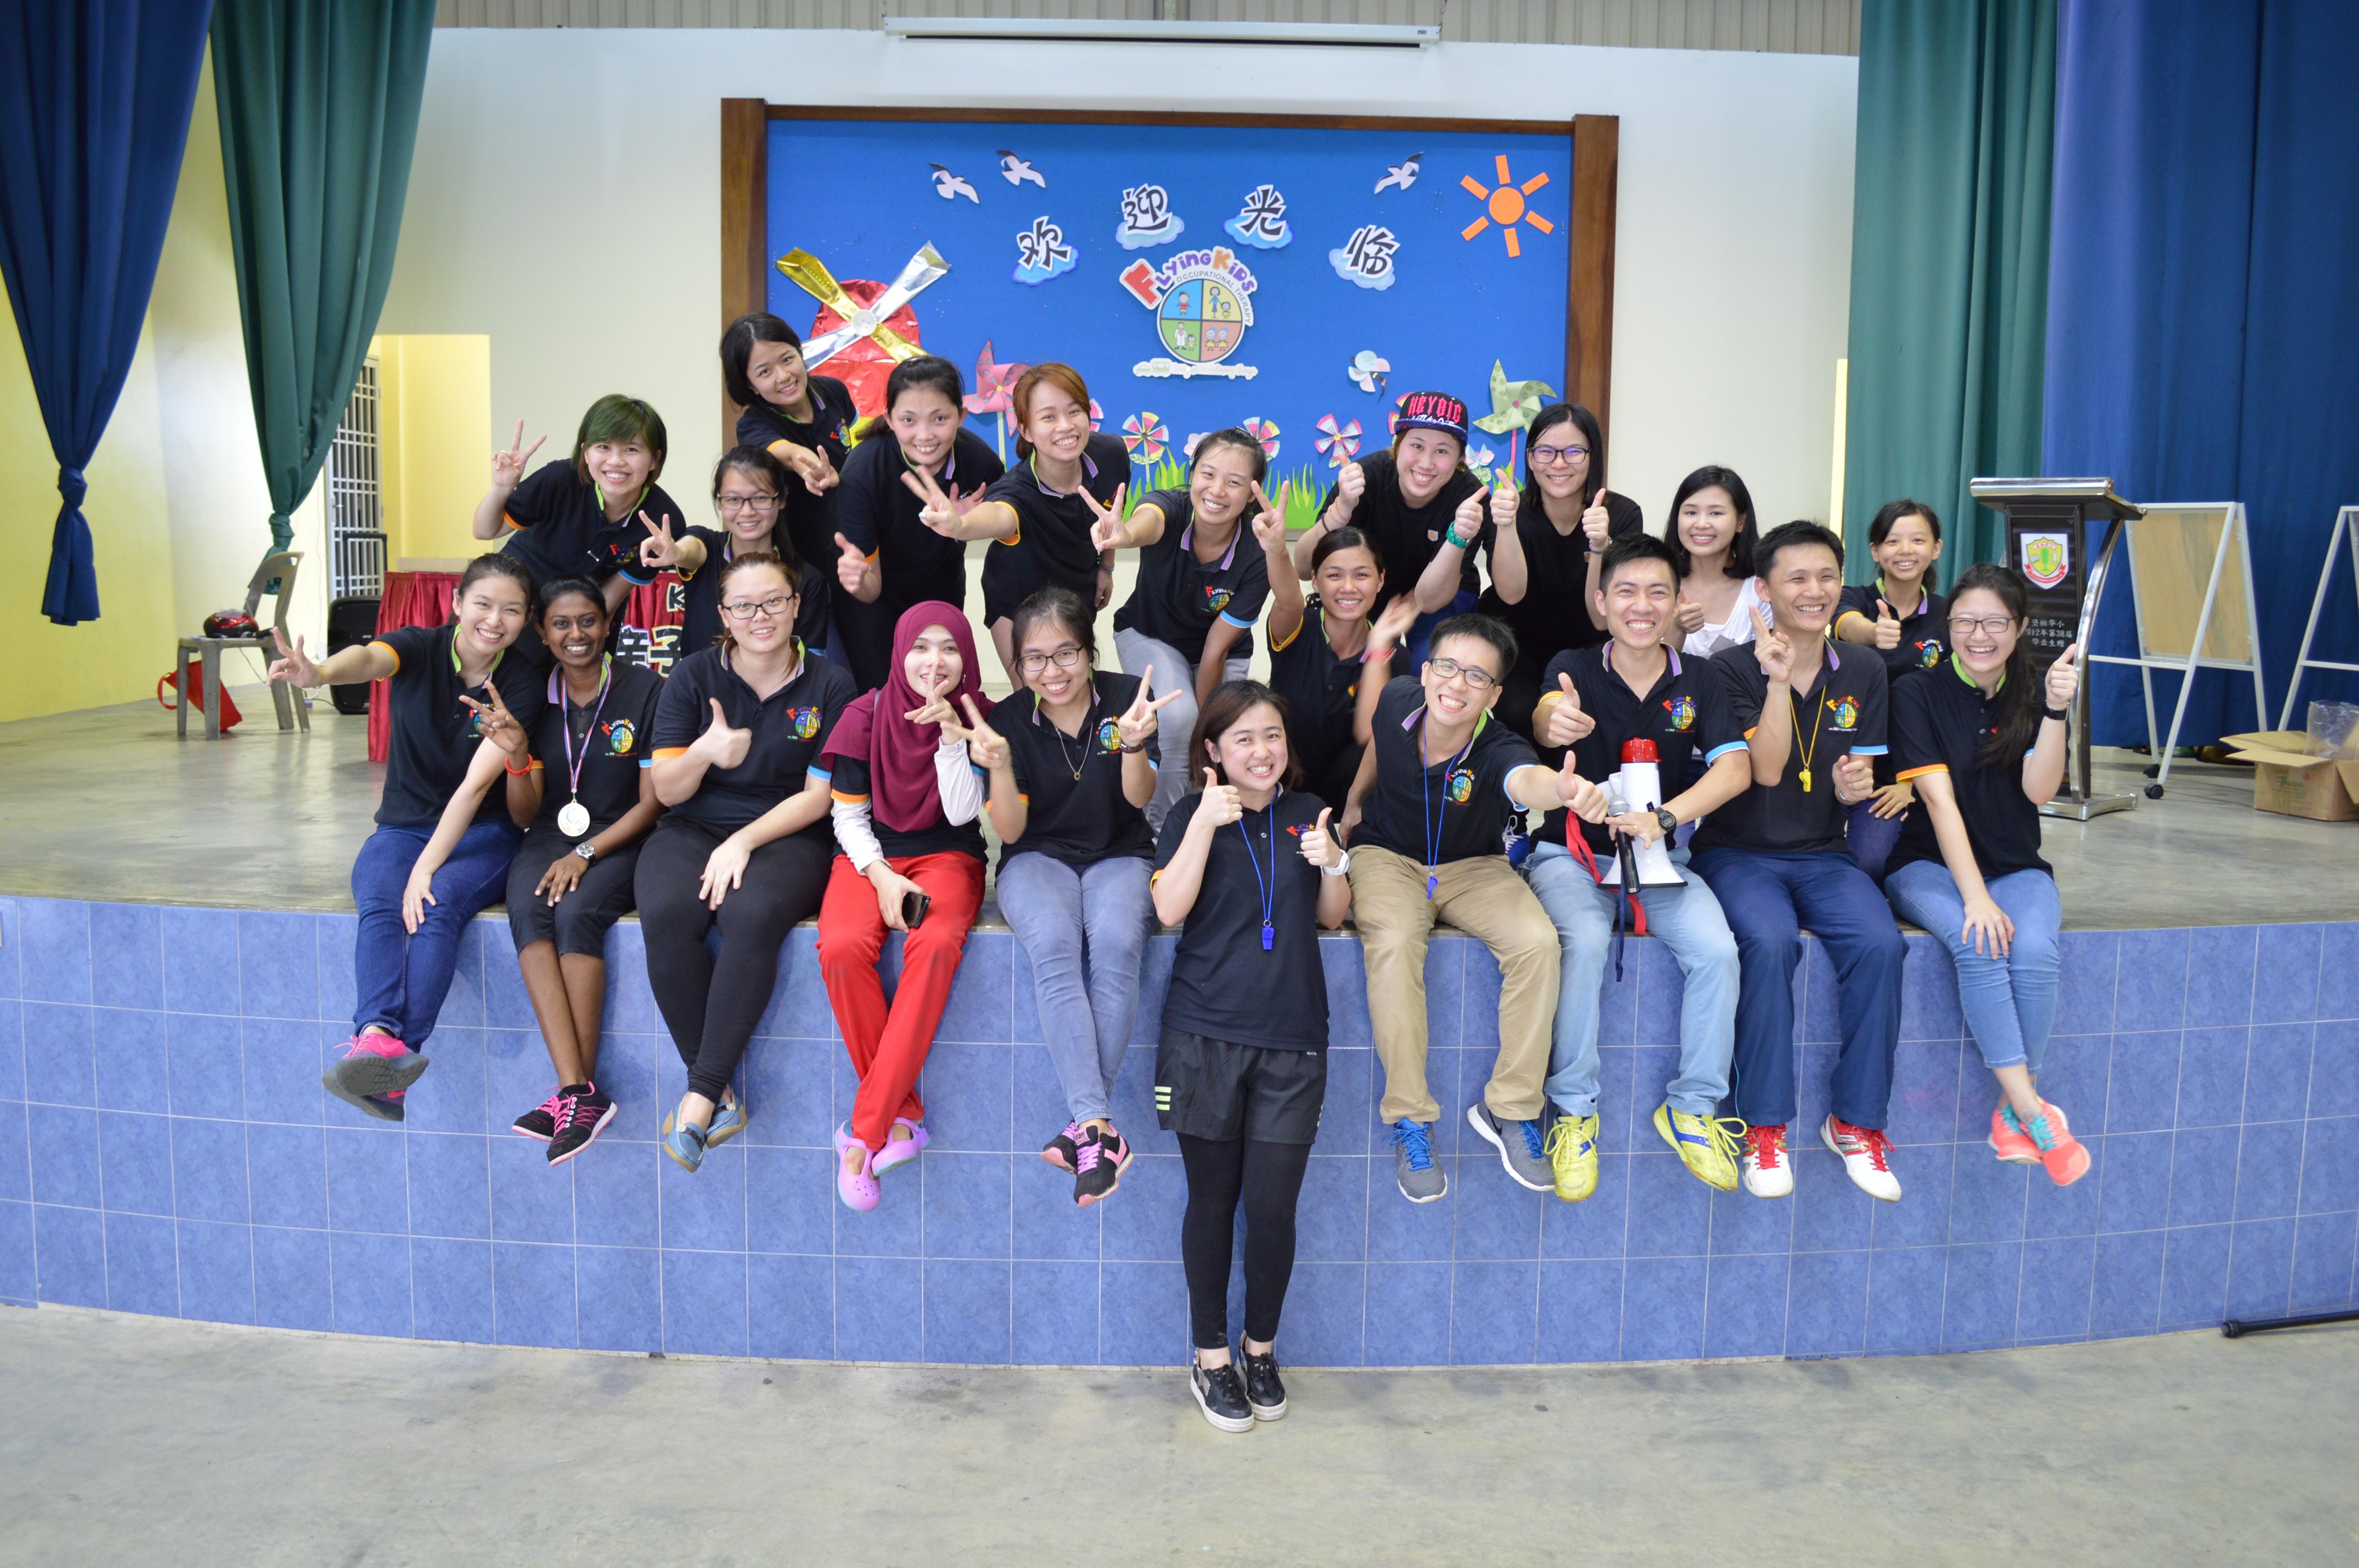 2016第一届亲子运动会工作人员大合照